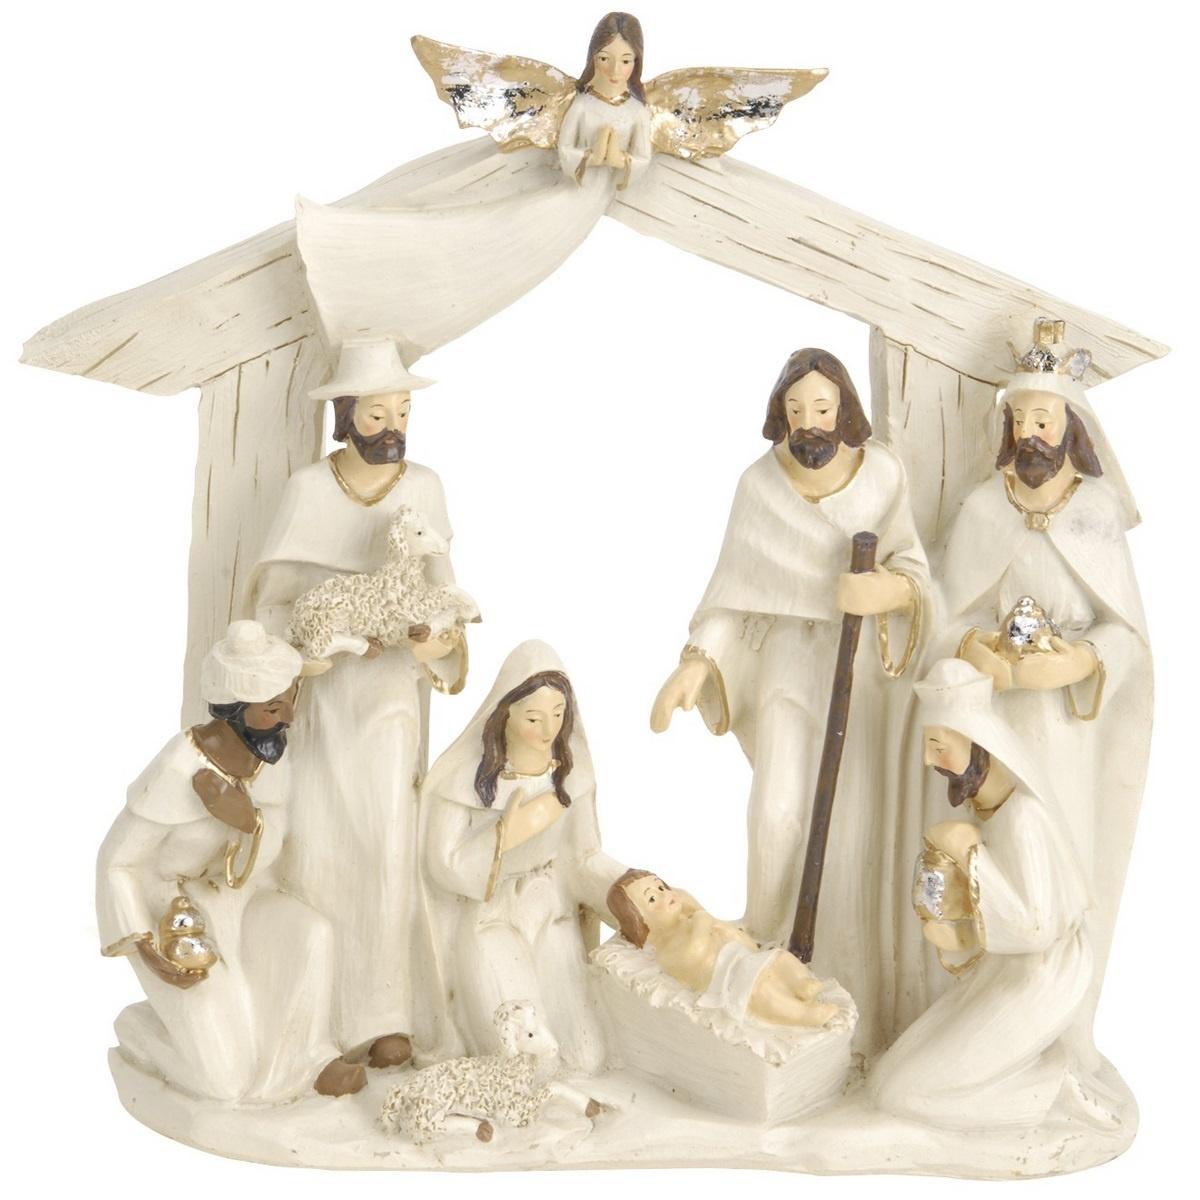 Vánoční dekorace Betlém hnědá, 22 x 7 x 22 cm